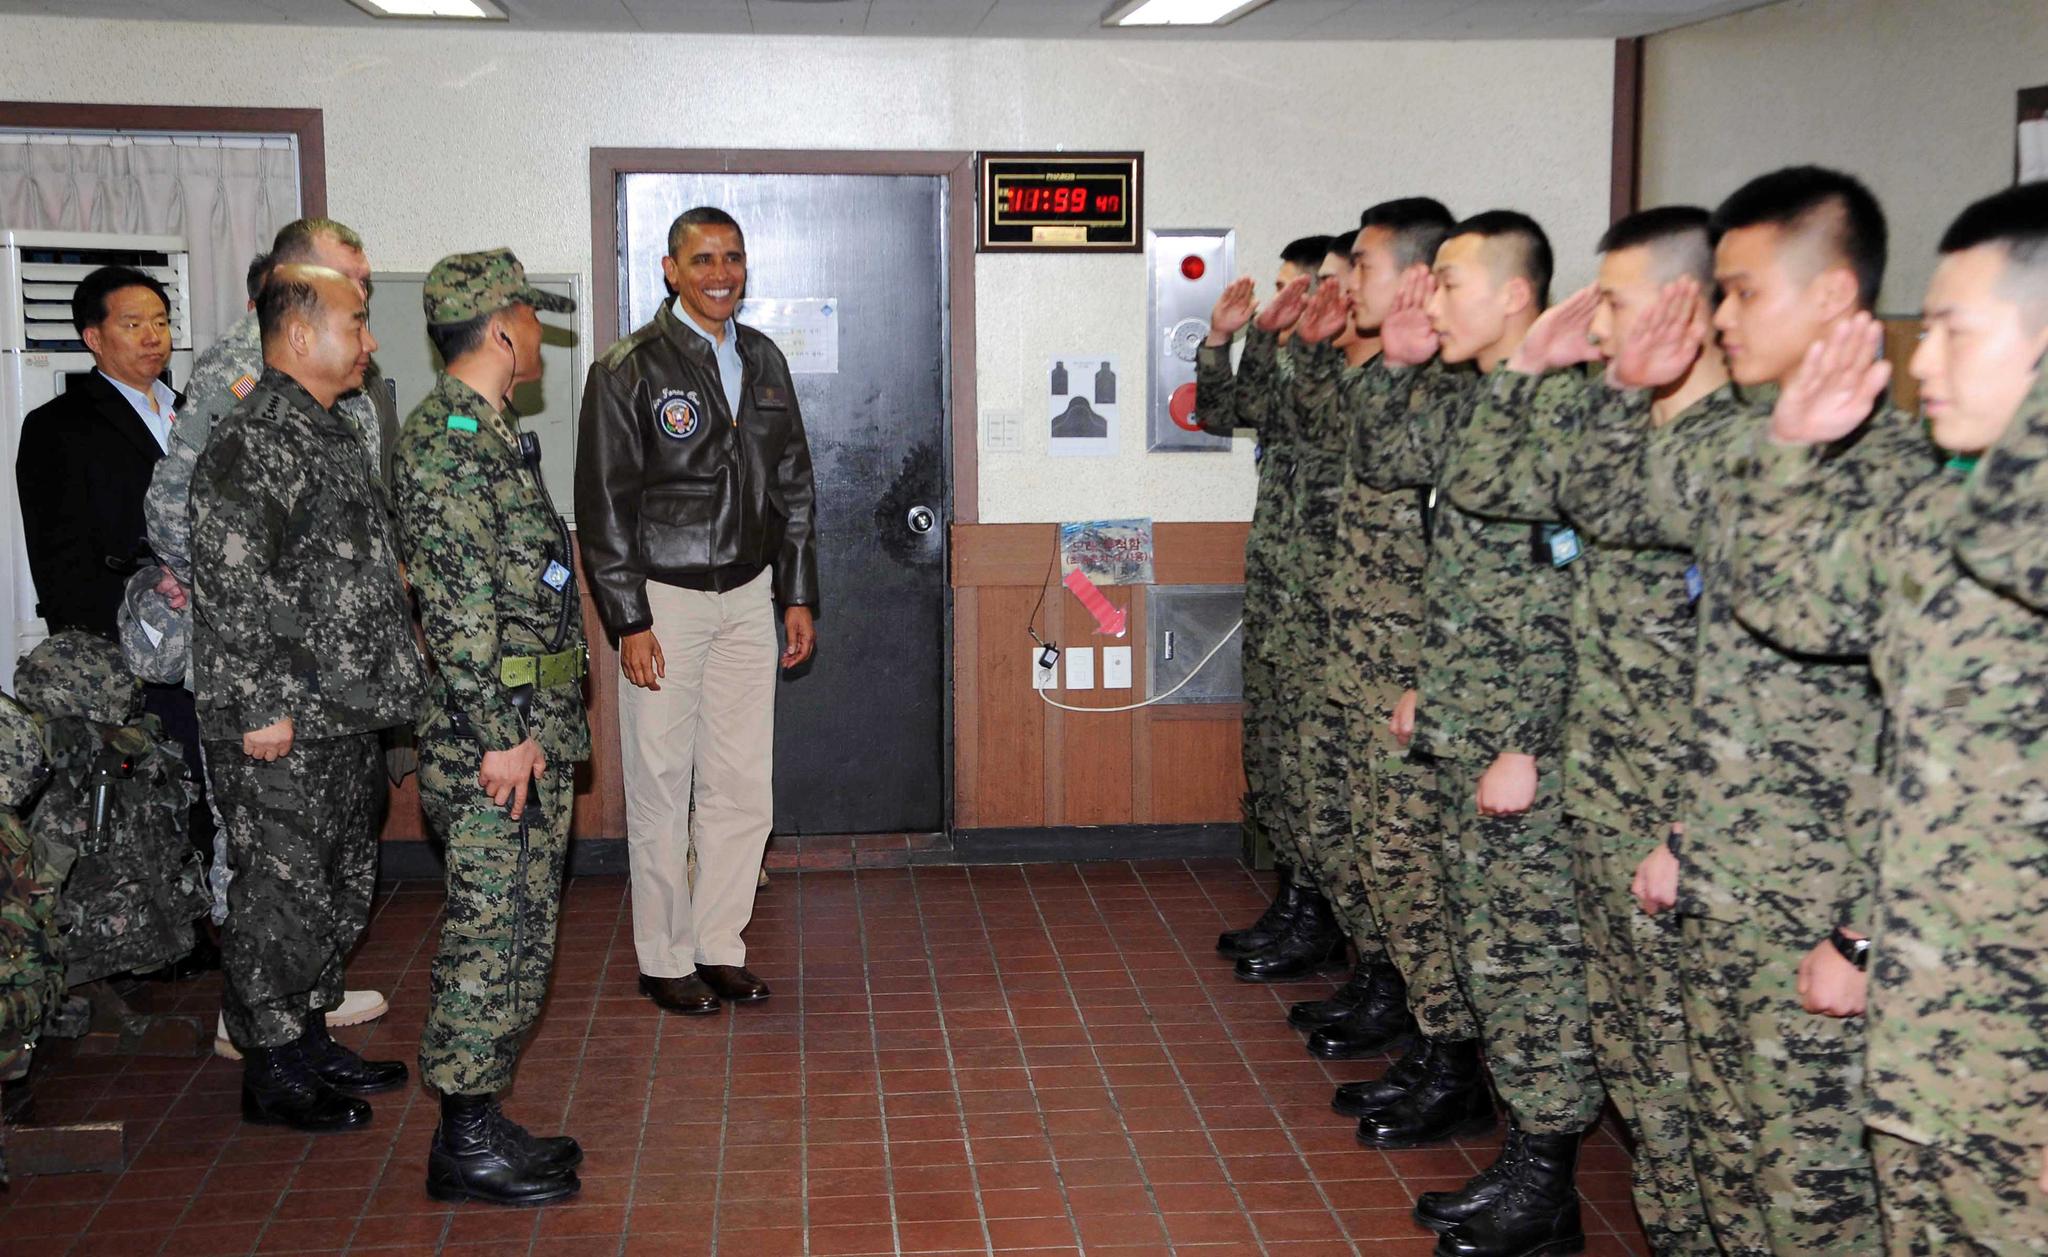 2012핵안보정상회의를 위해 2012년 3월 25일 새벽 방한한 오바마 미대통령이 판문점 공동경비구역을 방문하여 오피오울렛에 근무하는 한국군장병을 격려하고 있다. 판문점 공동경비구역=사진공동취재단